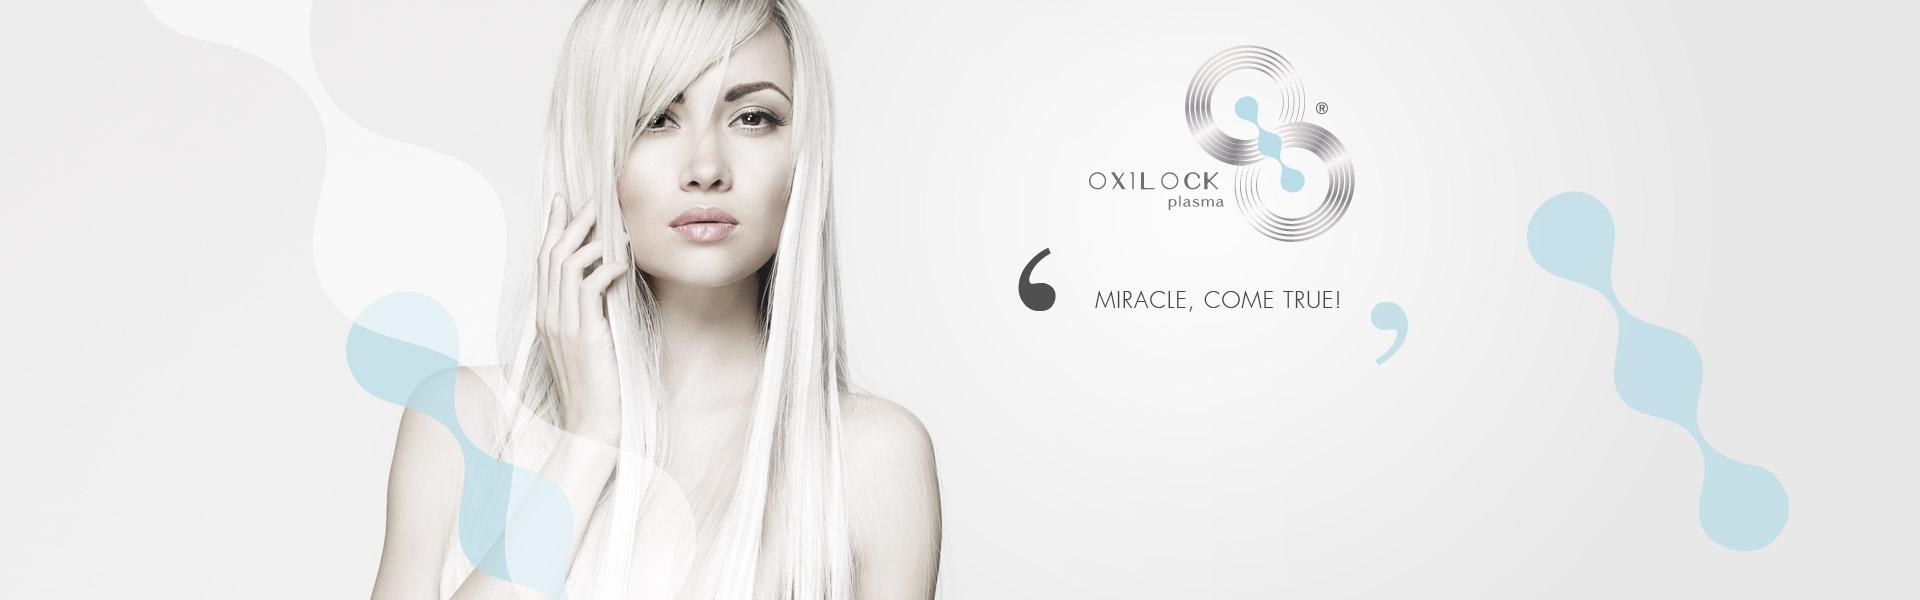 oxilock_plasma